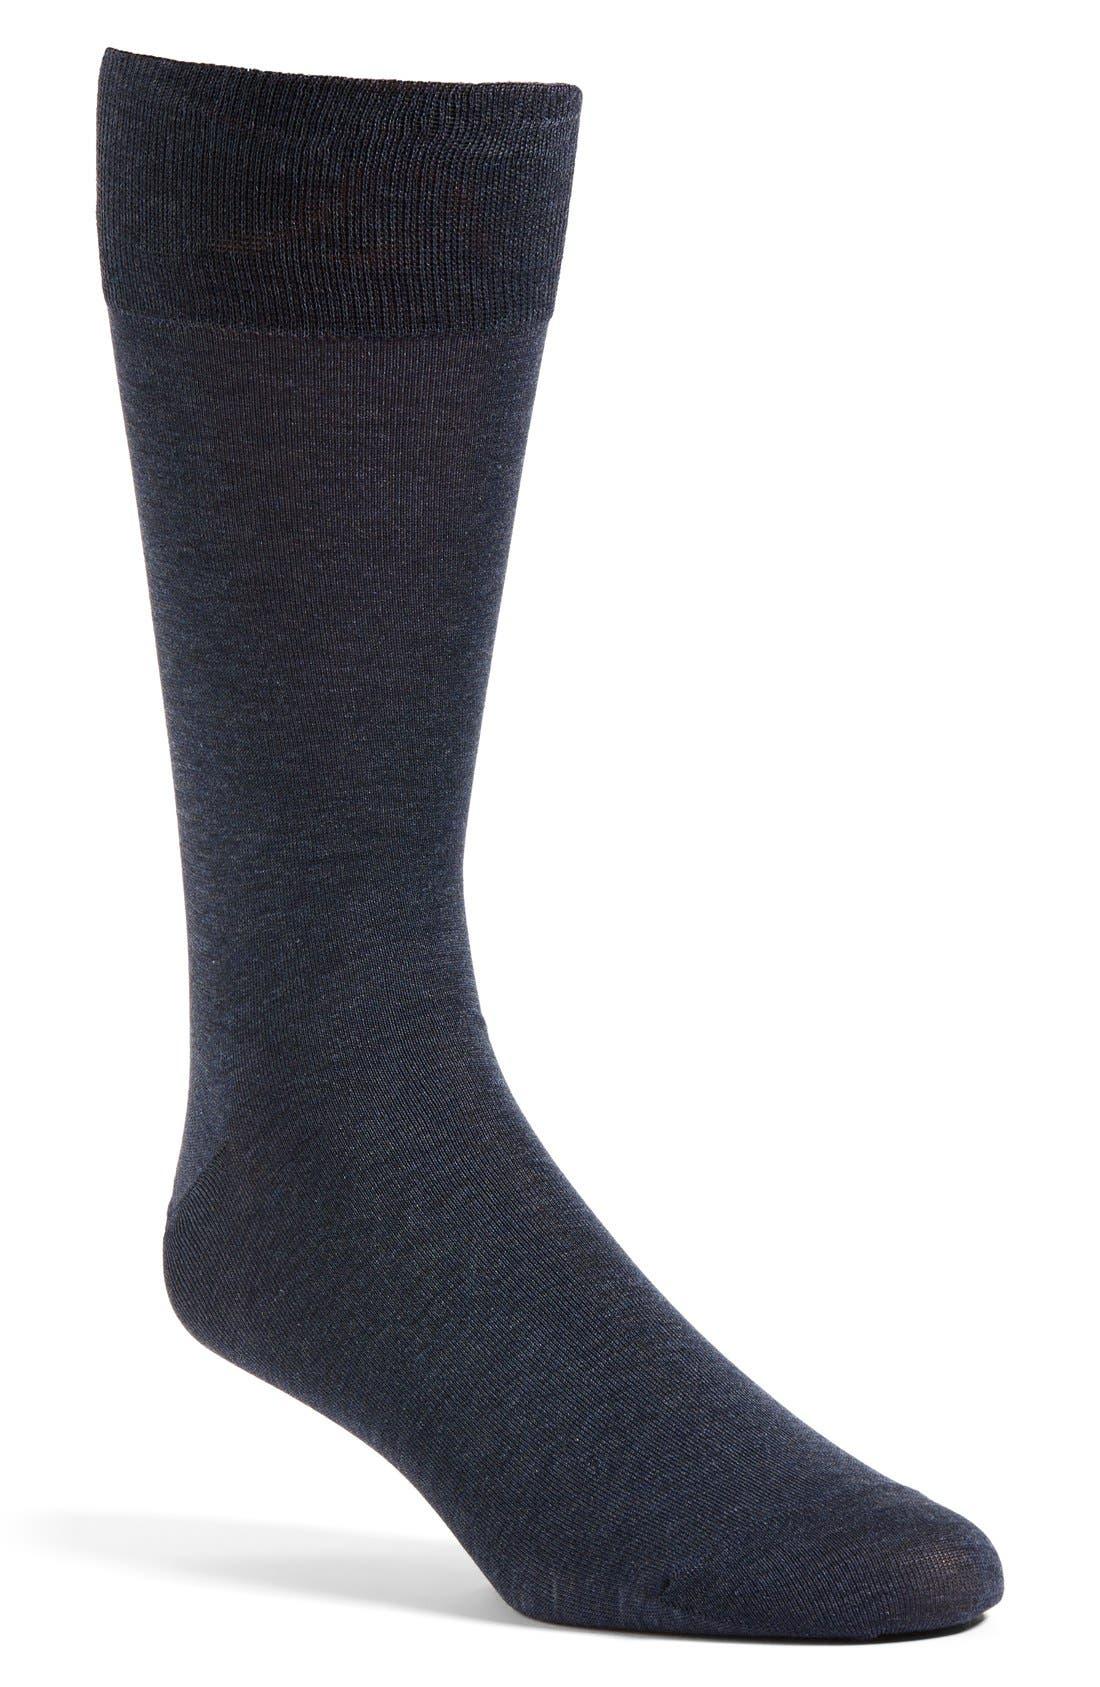 Alternate Image 1 Selected - John W. Nordstrom® Socks